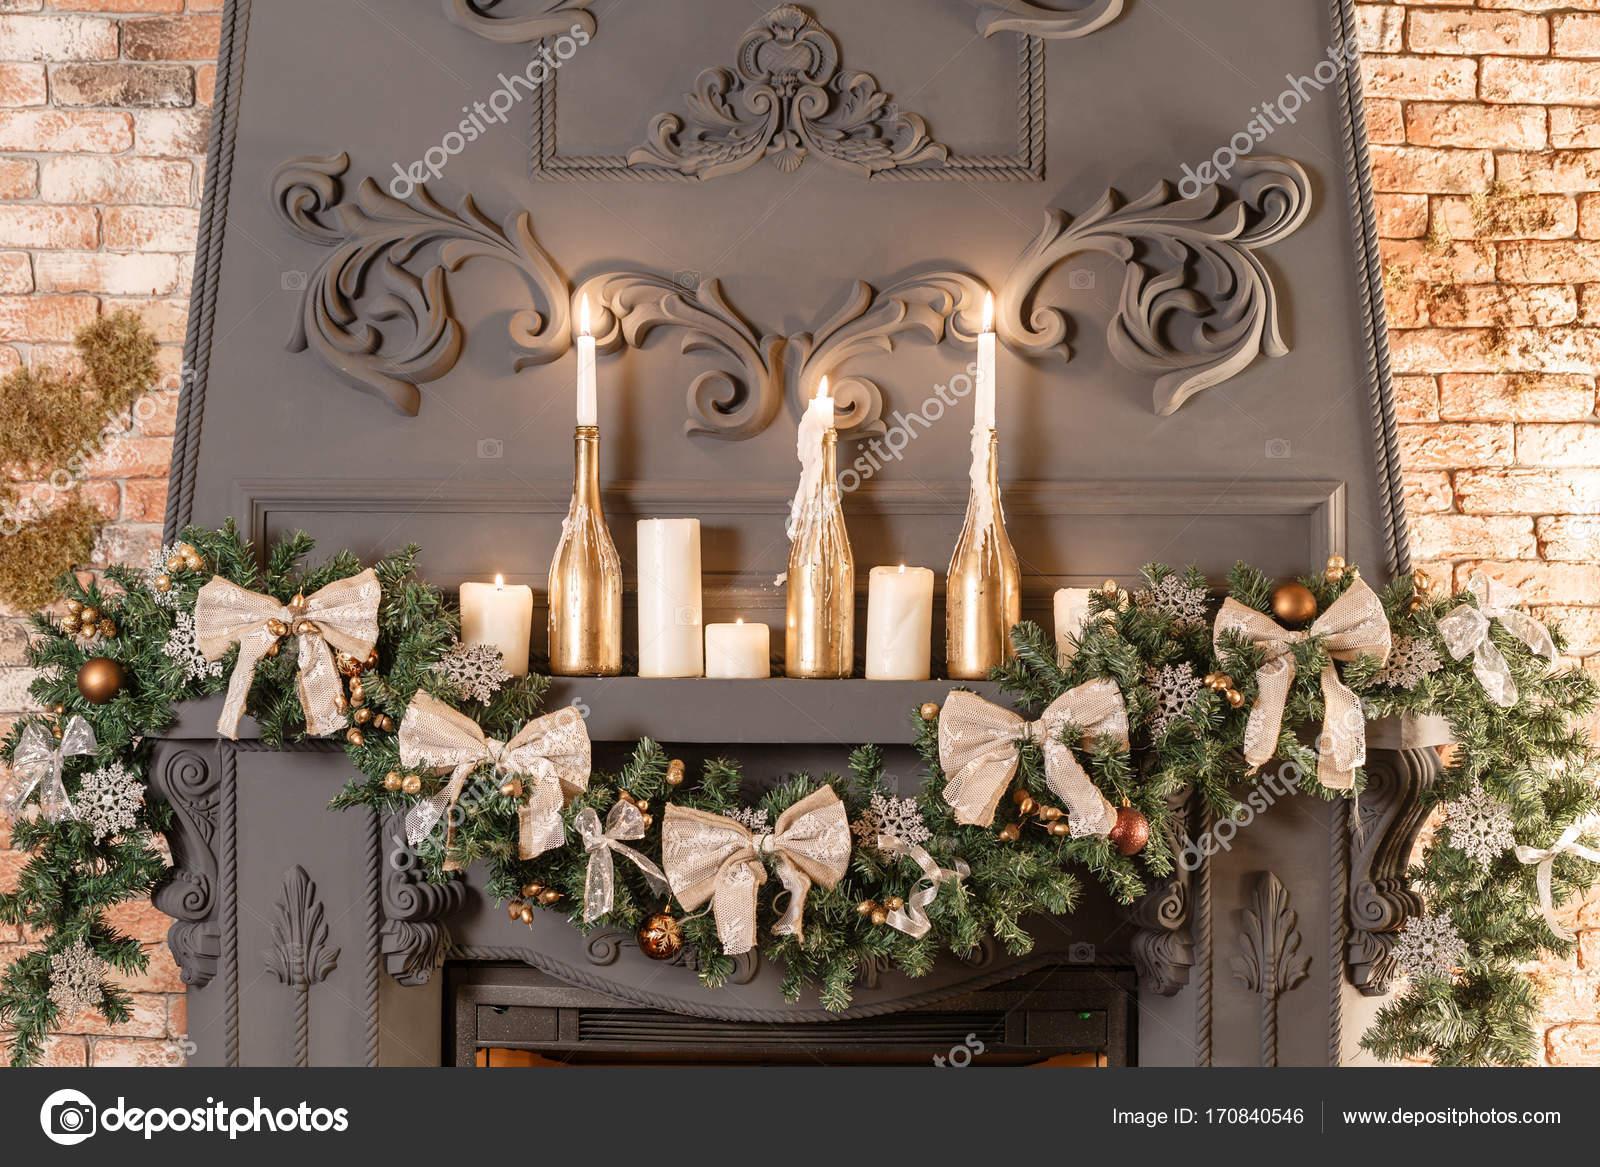 Decorazioni Natalizie Sul Camino.Ramo Di Albero Di Natale Sul Camino E Altre Decorazioni Di